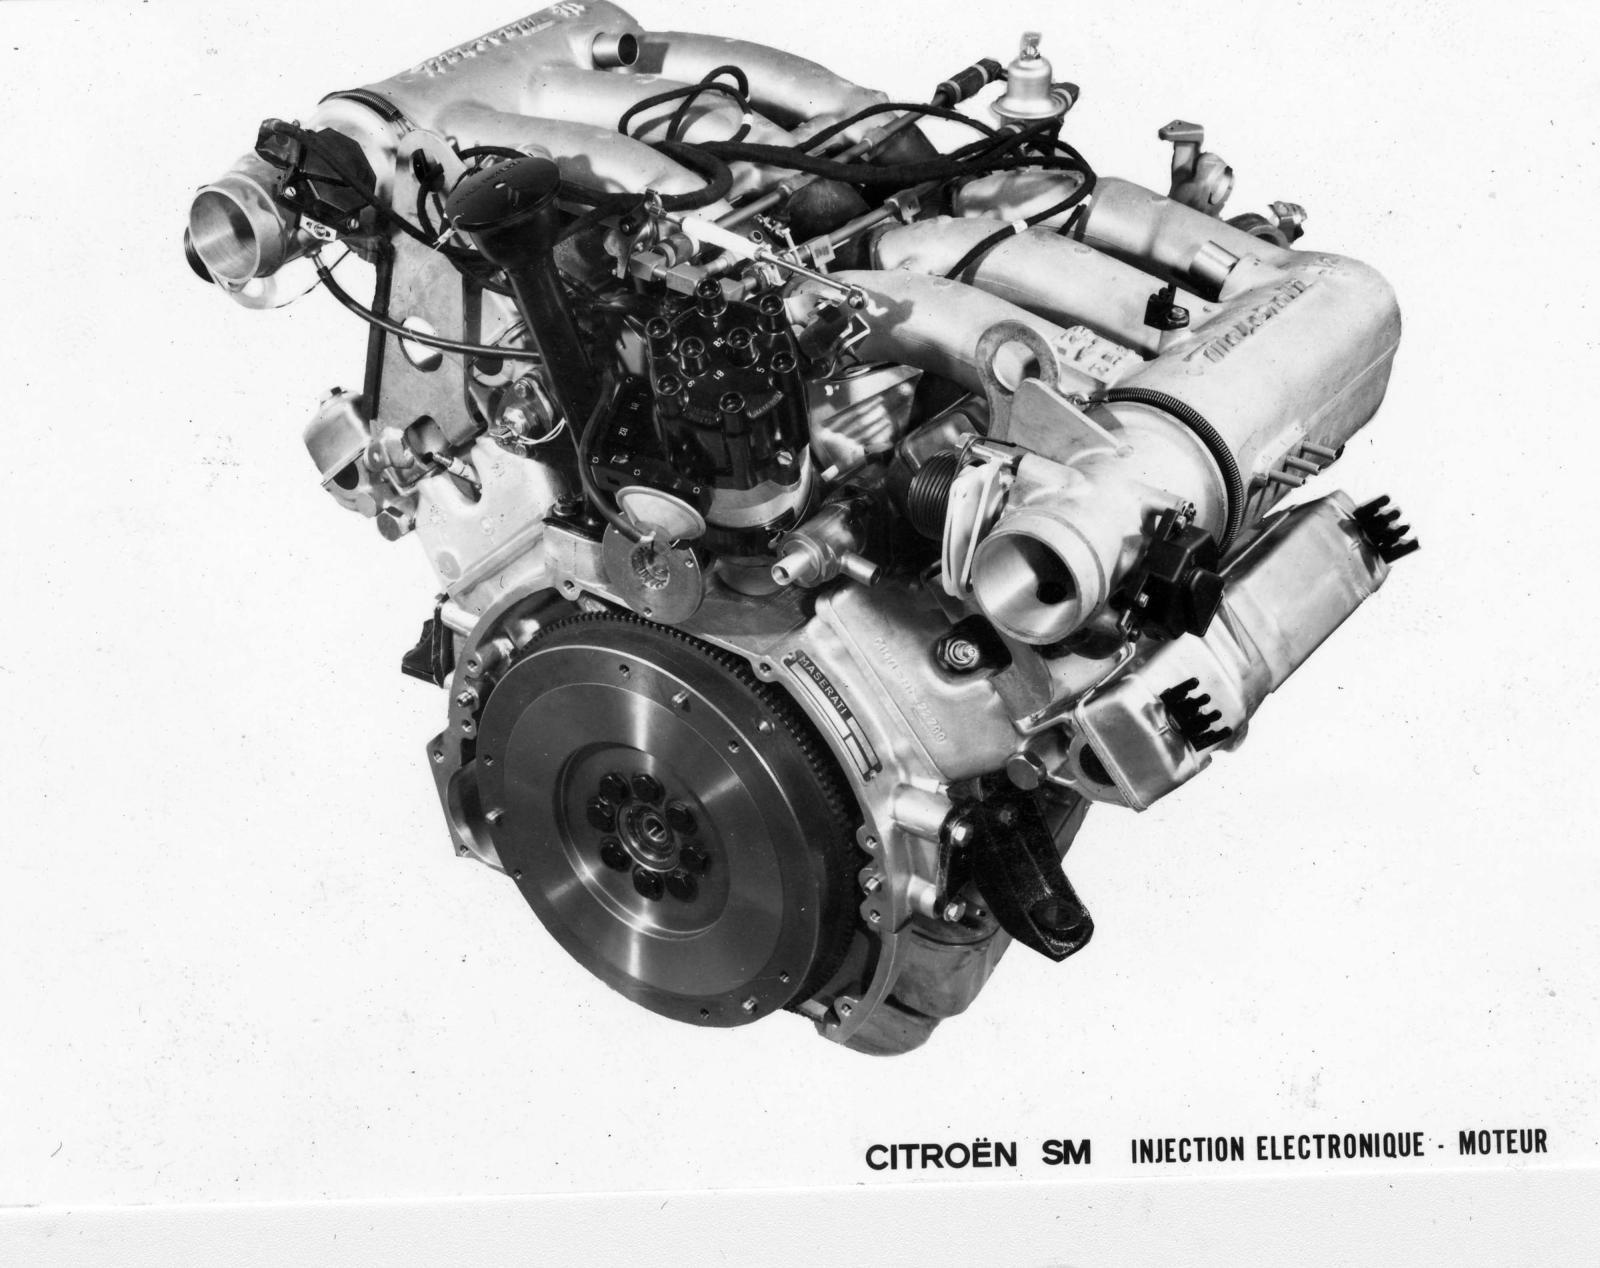 Motor com injeção eletrônica do SM